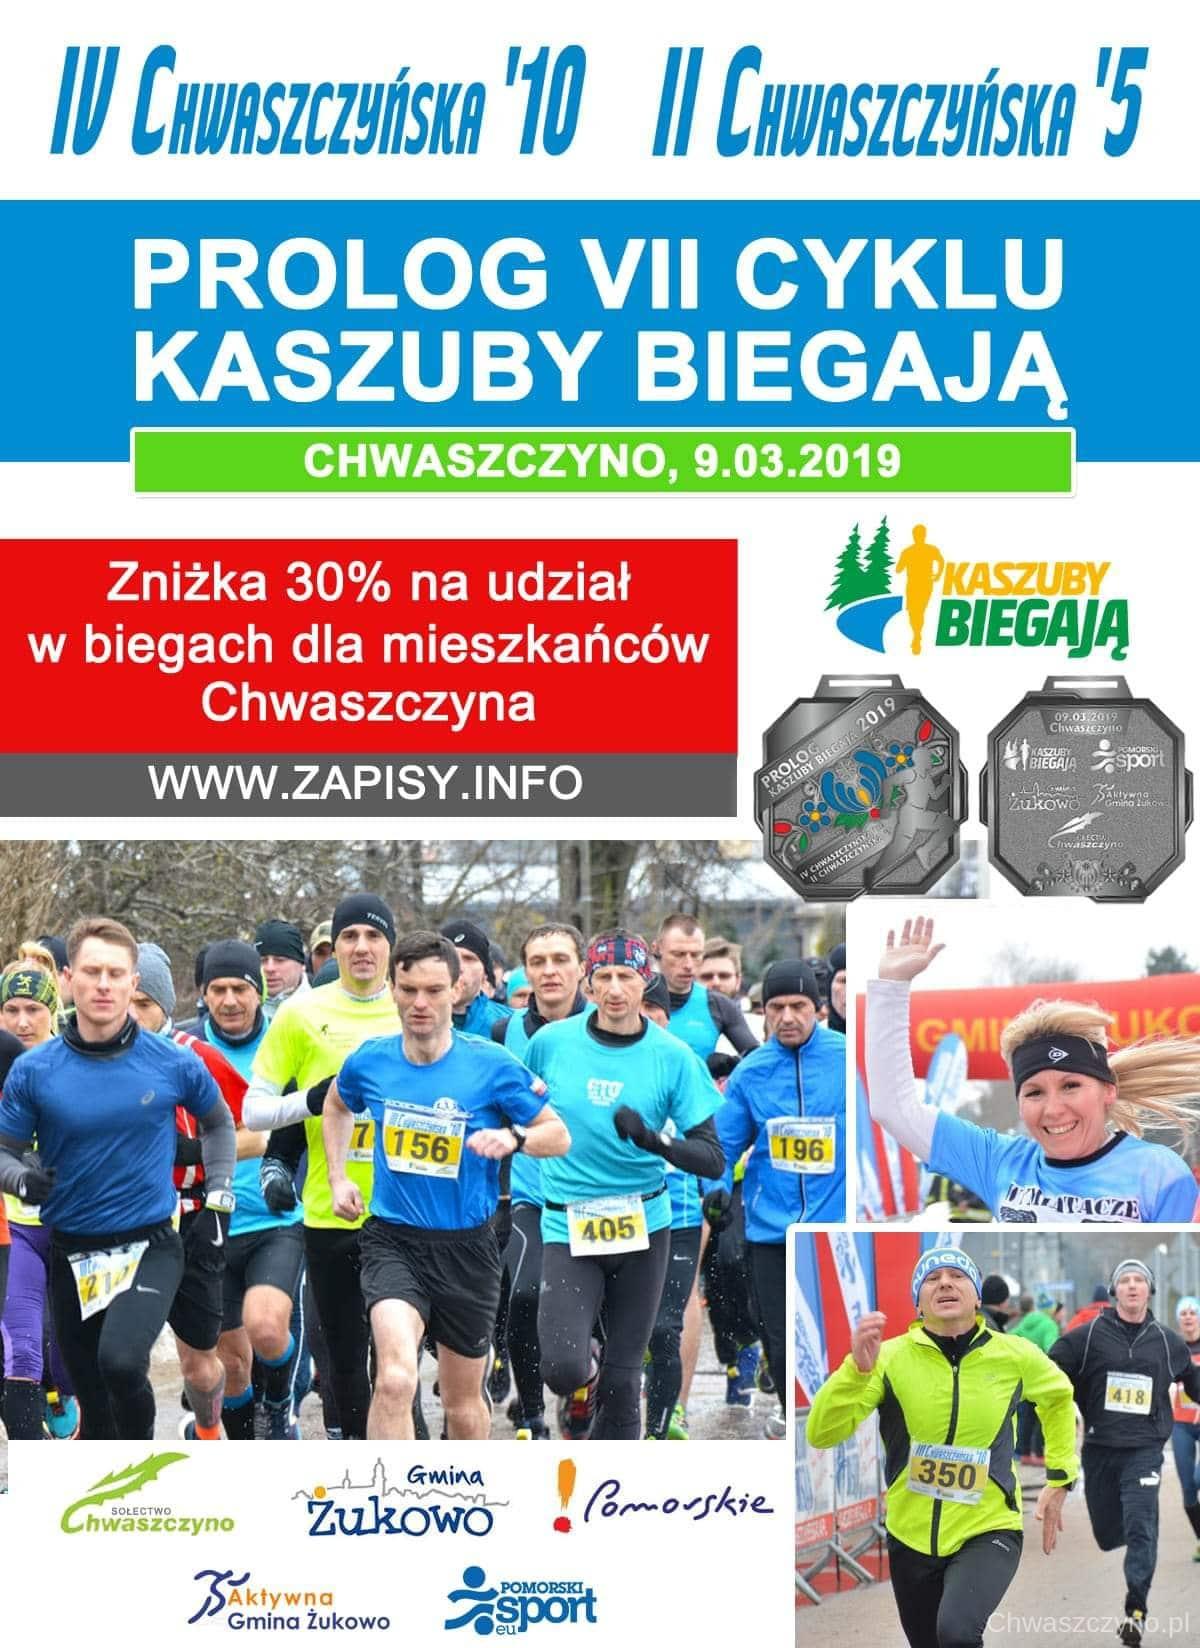 chwaszczynska10 2019